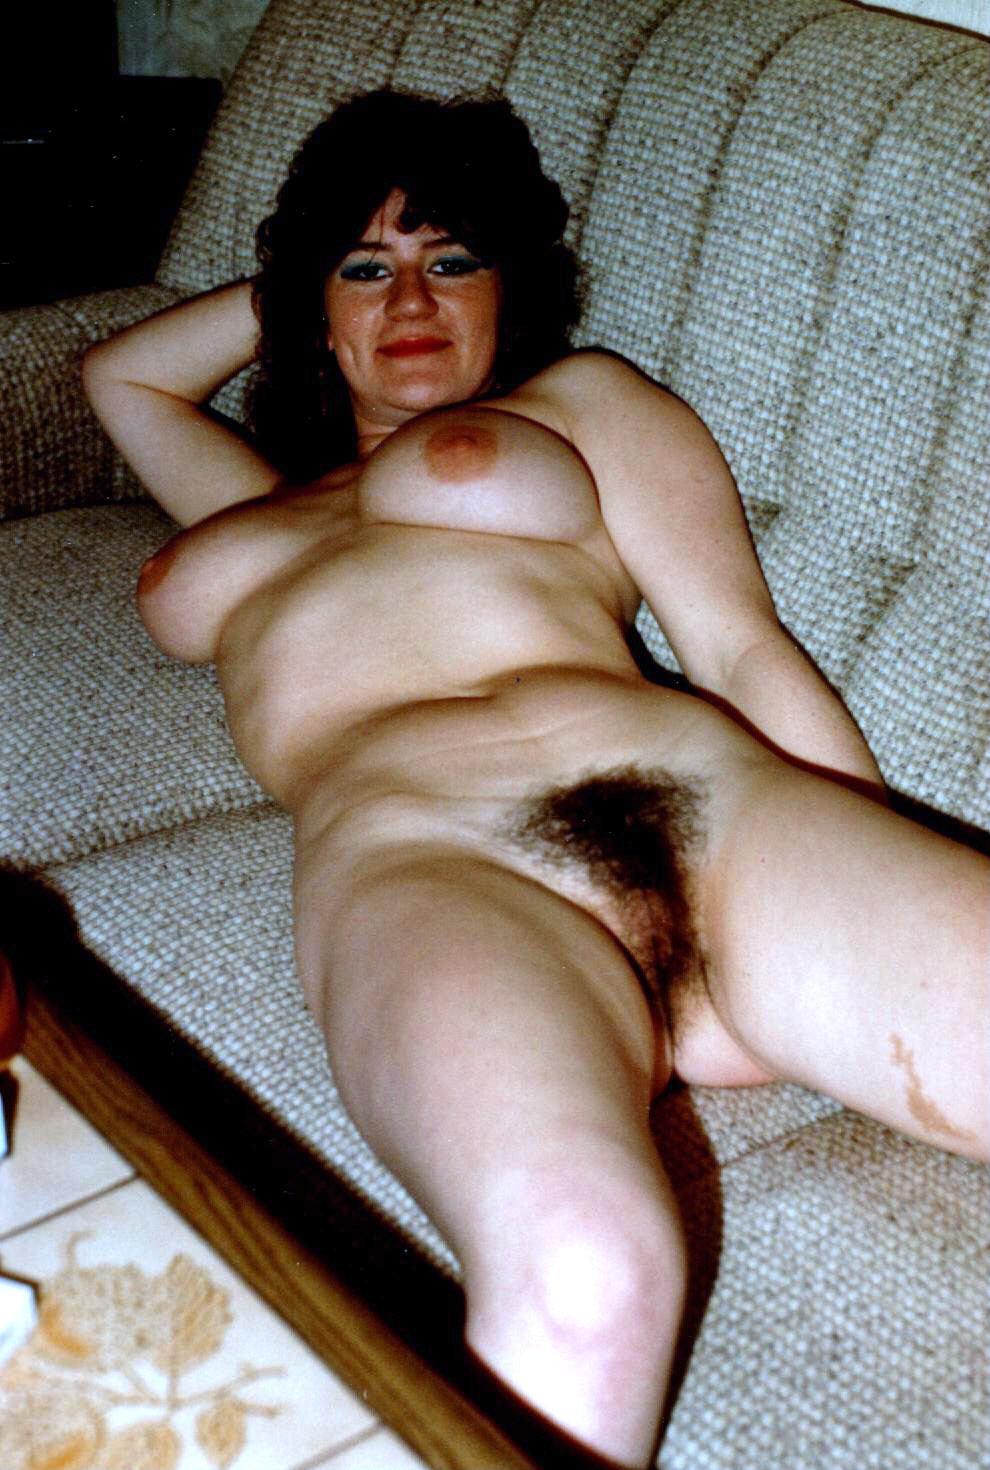 Sissy nude boy